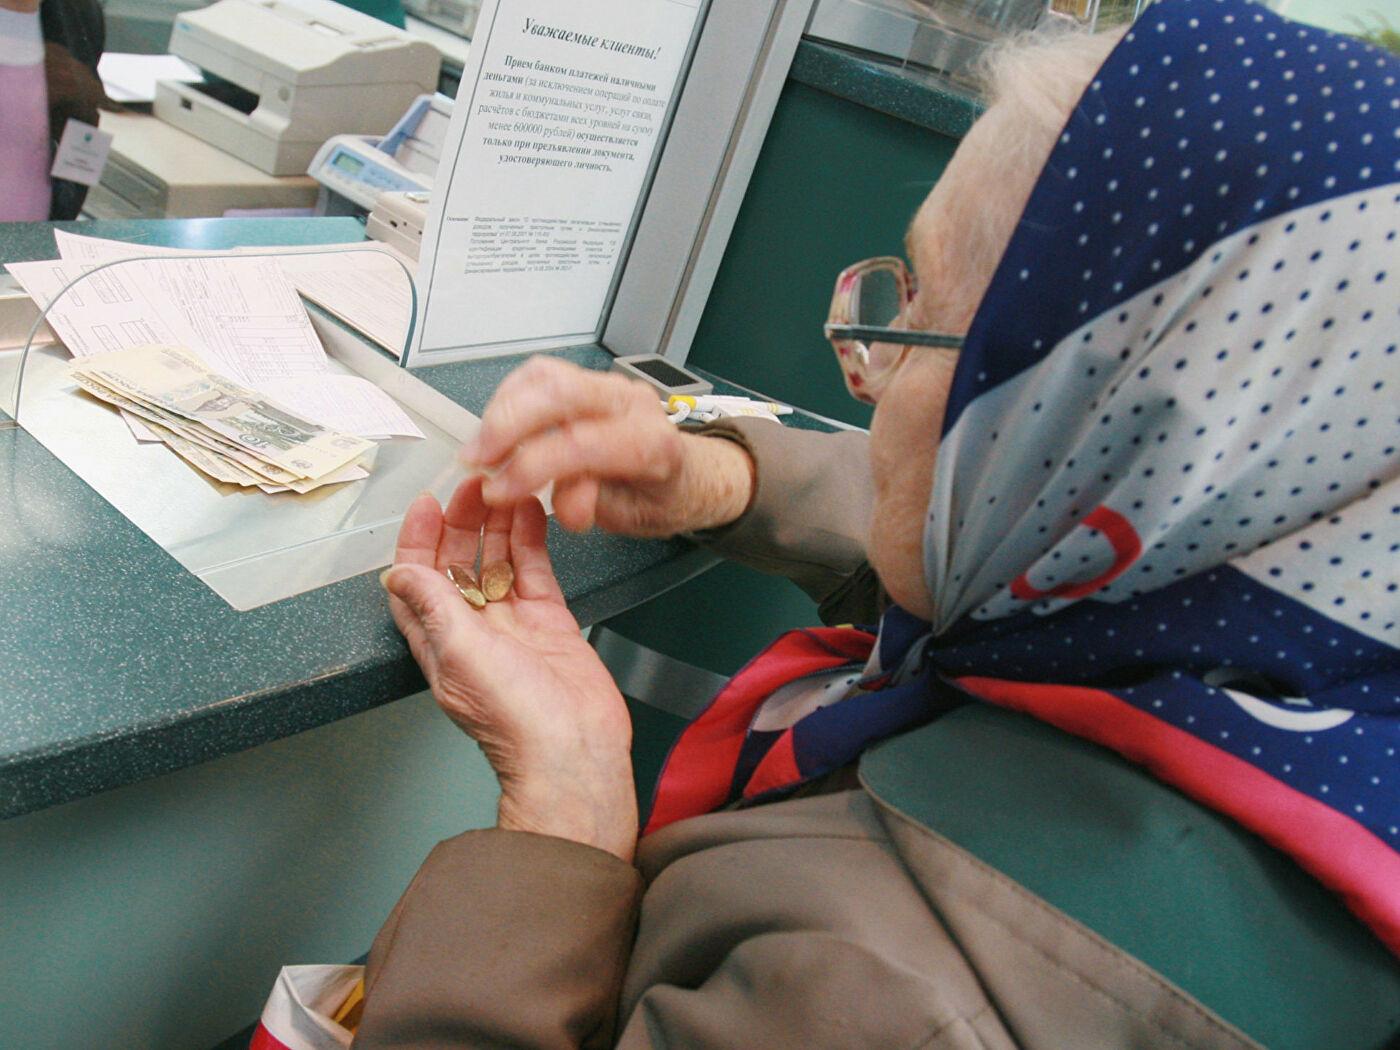 СМИ напомнили о массовых выплатах пенсионных накоплений в РФ